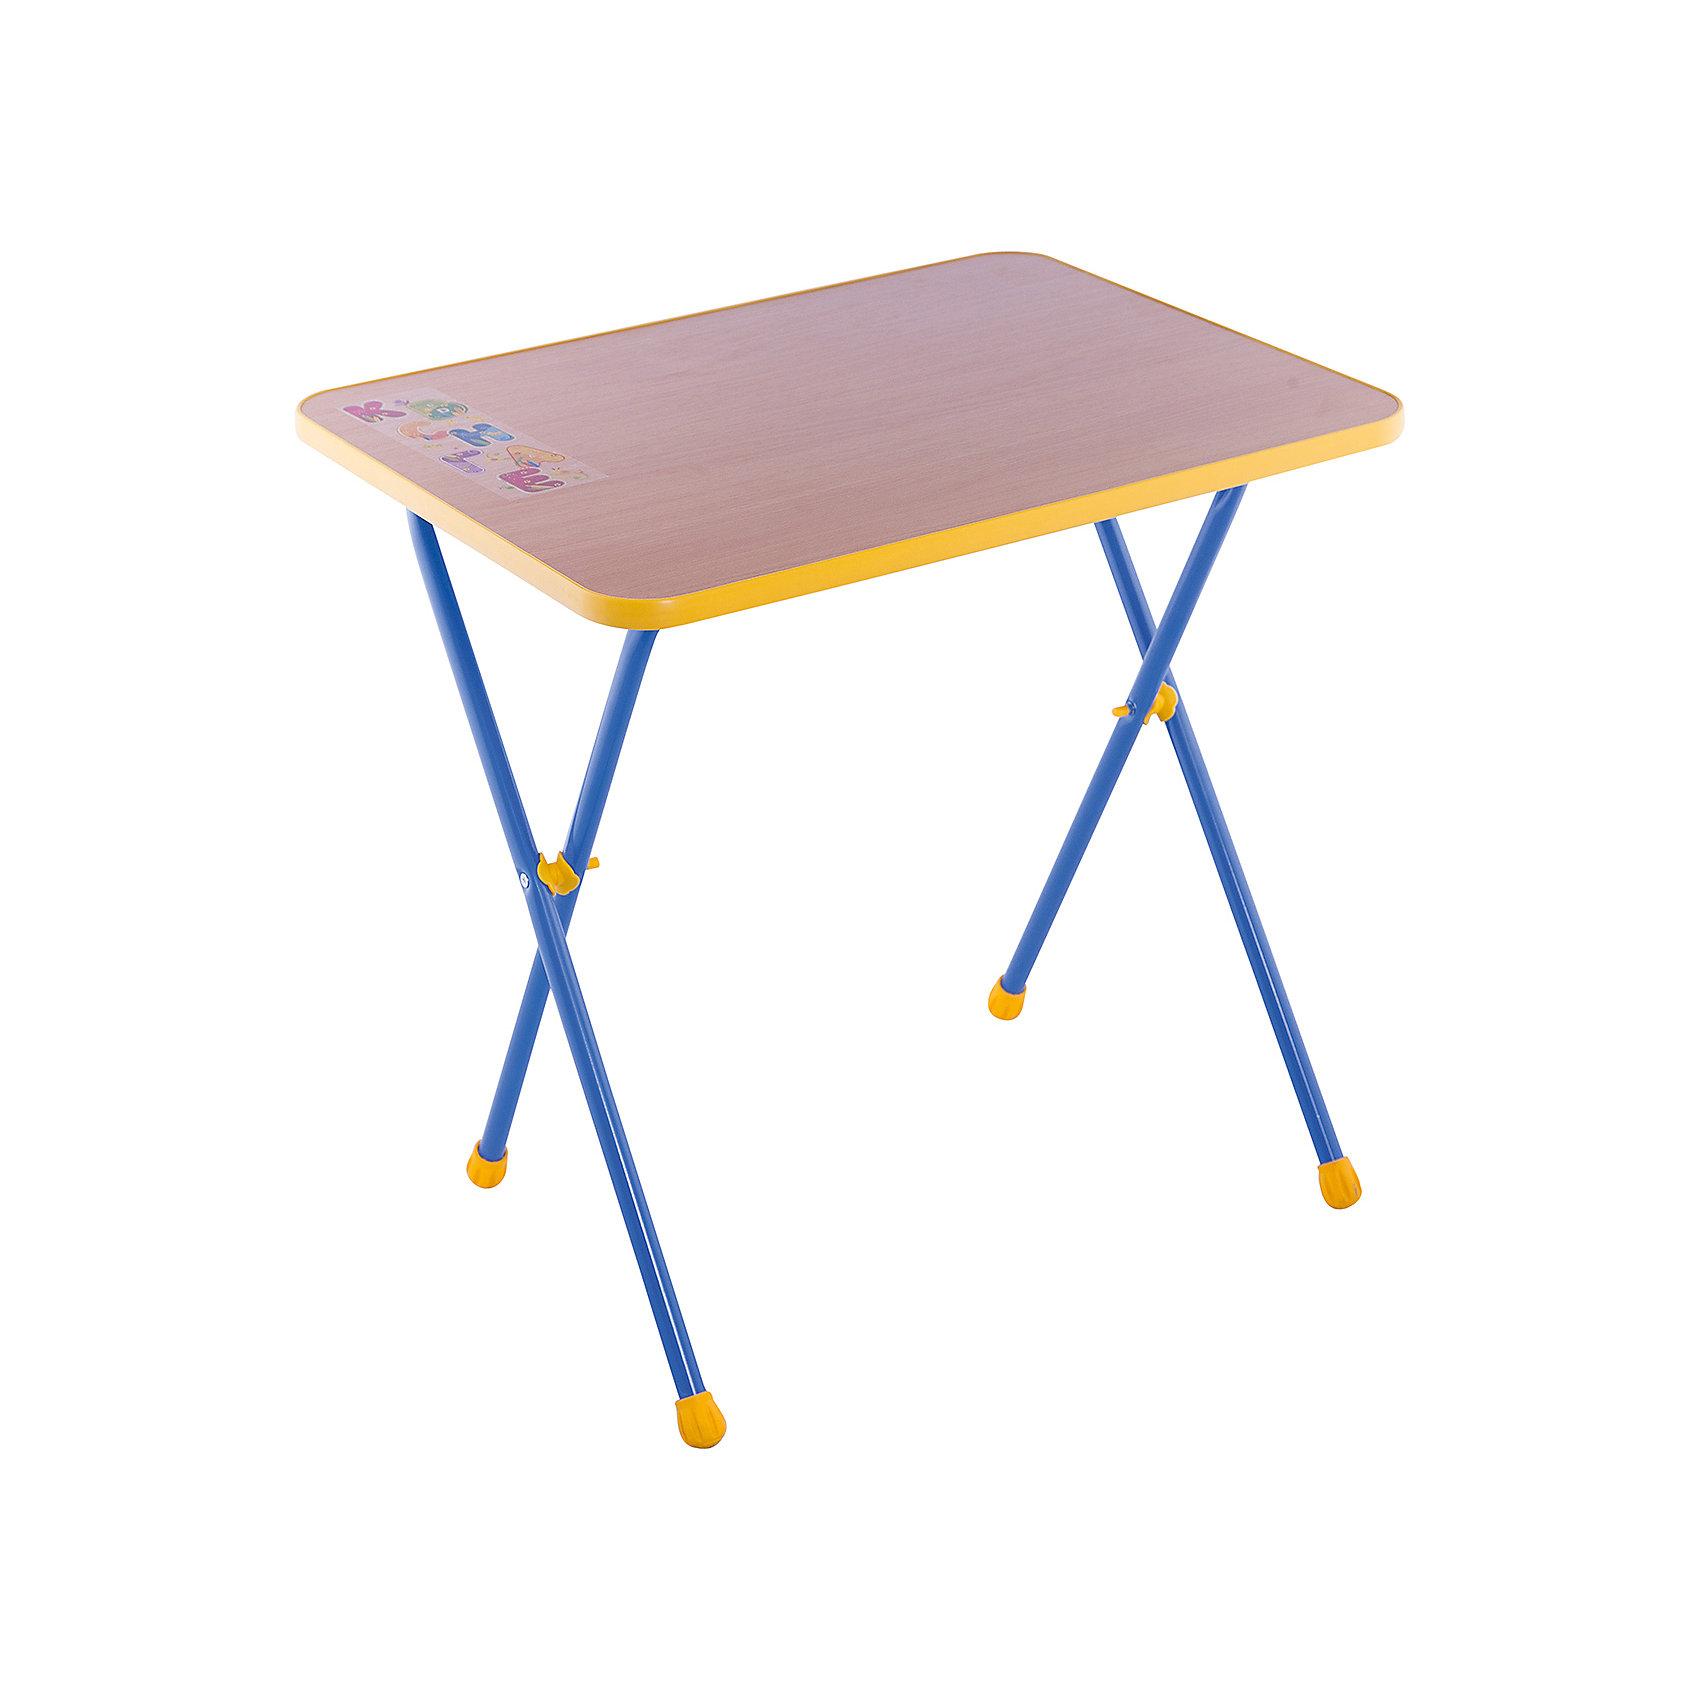 Складной стол СА1. Алина, Ника, букДетские столы и стулья<br>Характеристики товара:<br><br>• материал: металл, пластик<br>• размер столешницы: 600х450 мм<br>• высота стола: 580 мм<br>• размер упаковки: 760х100х620 мм<br>• вес в упаковке: 5 кг<br>• складной<br>• на столешнице - рисунок<br>• возраст: от 3 до 7 лет<br>• страна бренда: Российская Федерация<br>• страна производства: Российская Федерация<br><br>Детская мебель может быть удобной и эргономичной! Этот столик разработан специально для детей от трех до семи лет. Он легко складывается и раскладывается, занимает немного места. Столешница украшена симпатичным рисунком, который понравится малышам. Отличное решение для игр, творчества и обучения!<br>Правильно подобранная мебель помогает ребенку расти здоровым, формироваться правильной осанке. Изделие производится из качественных сертифицированных материалов, безопасных даже для самых маленьких.<br><br>Складной стол Алина (ЛДСП), Ника, бук от бренда Ника можно купить в нашем интернет-магазине.<br><br>Ширина мм: 760<br>Глубина мм: 100<br>Высота мм: 620<br>Вес г: 5100<br>Возраст от месяцев: 36<br>Возраст до месяцев: 84<br>Пол: Унисекс<br>Возраст: Детский<br>SKU: 5223586